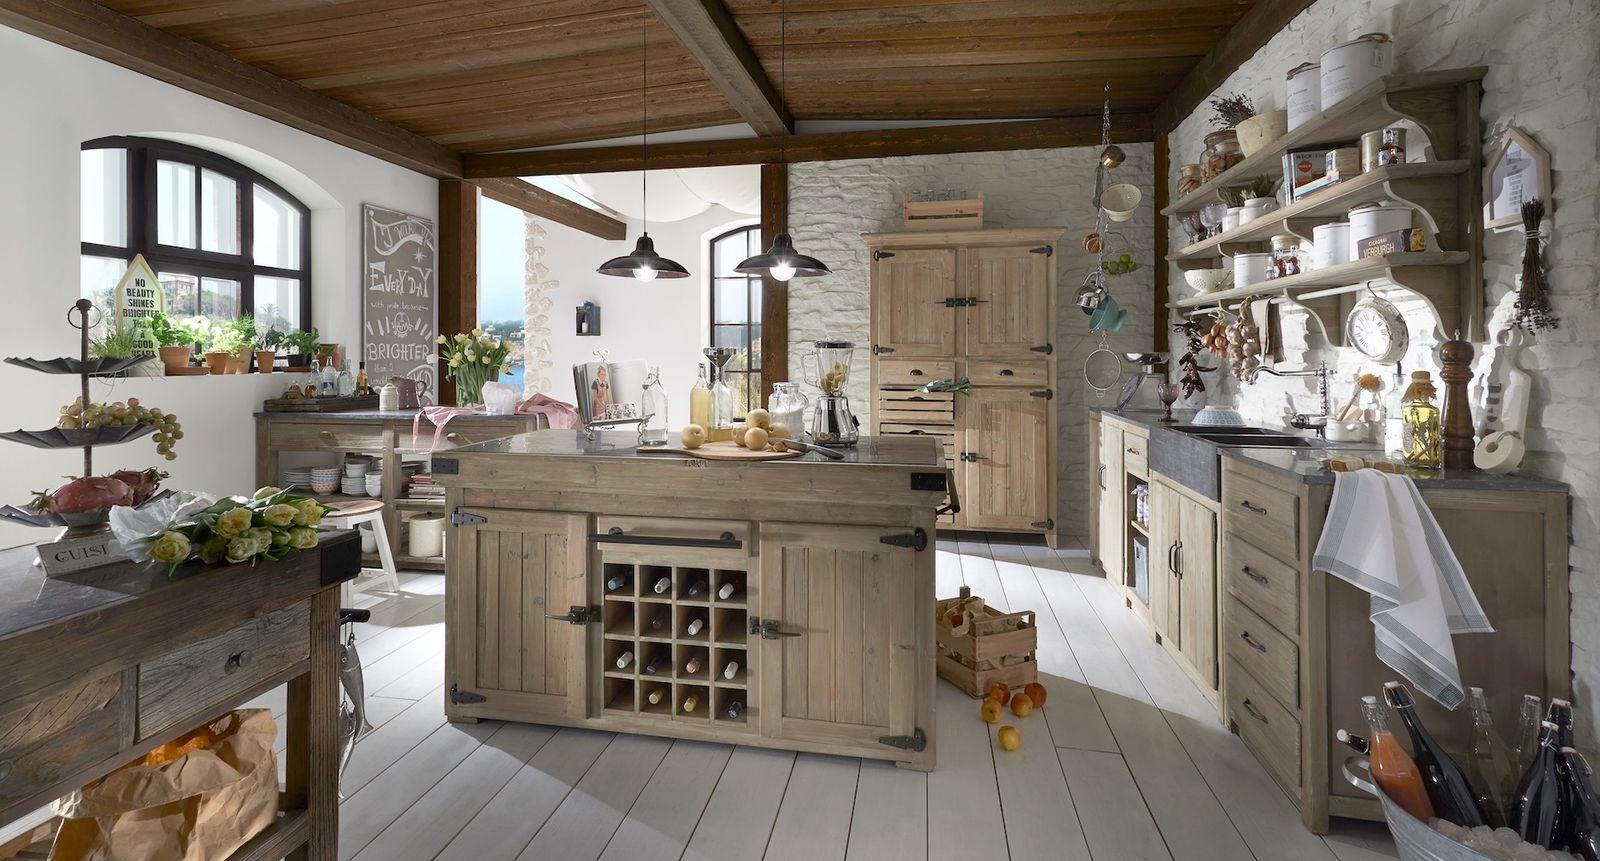 Küchenblock mit 2 Türen und Weinregal